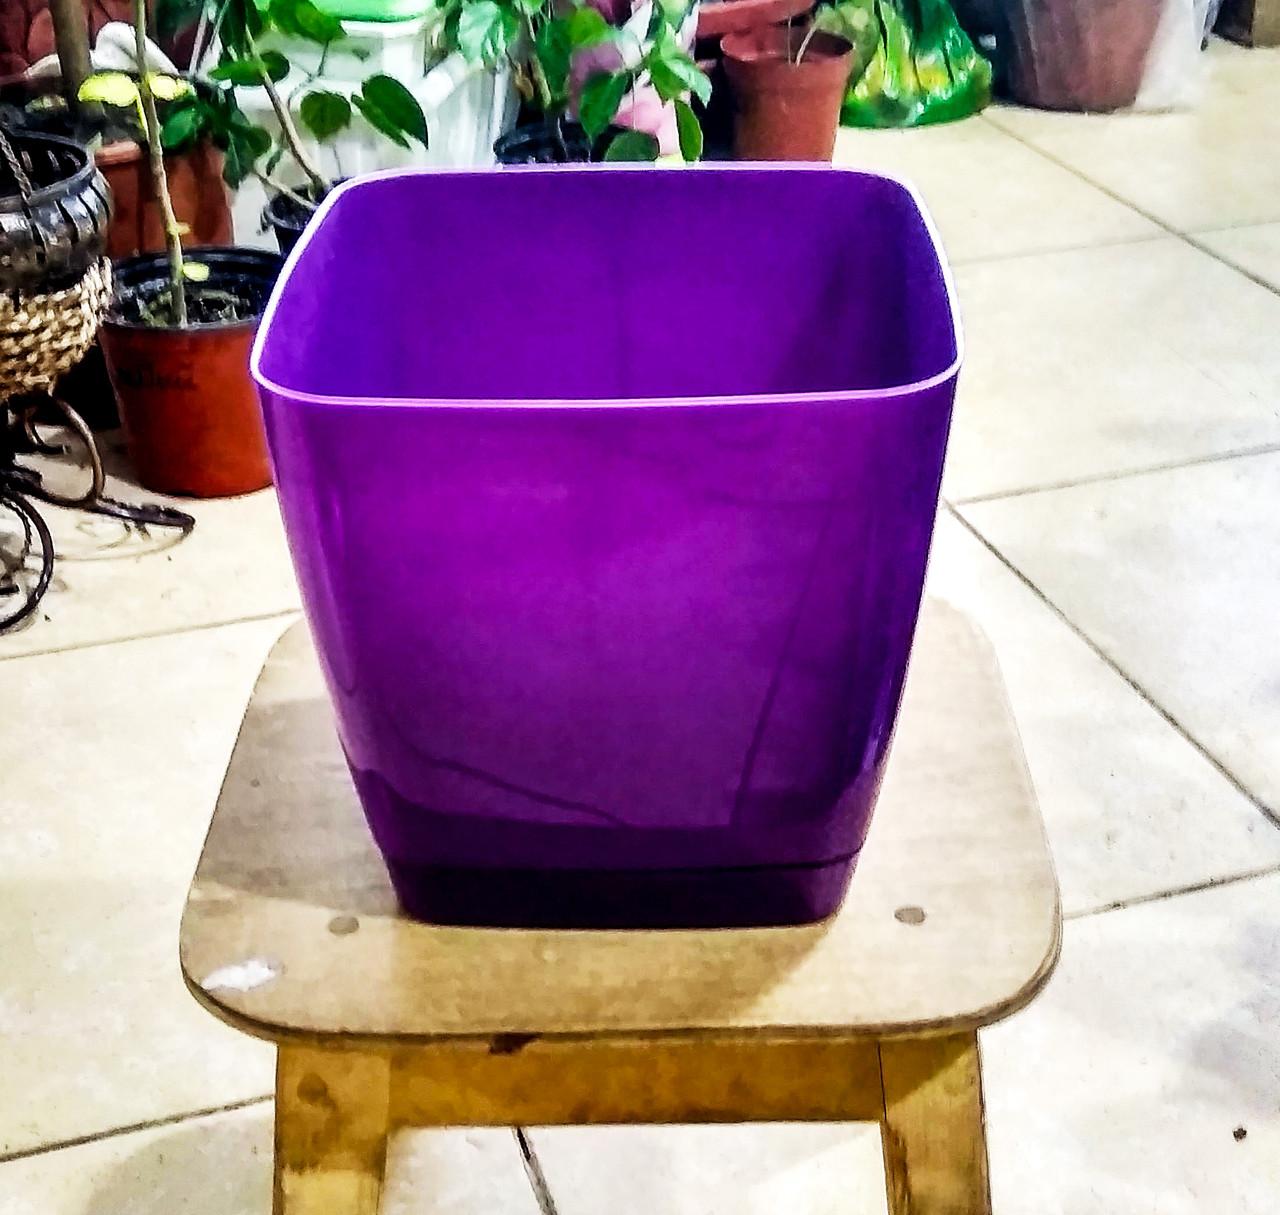 Горшок для цветов. Квадратная Тоскания. 3.7л. Цвет: Фиолетовый.